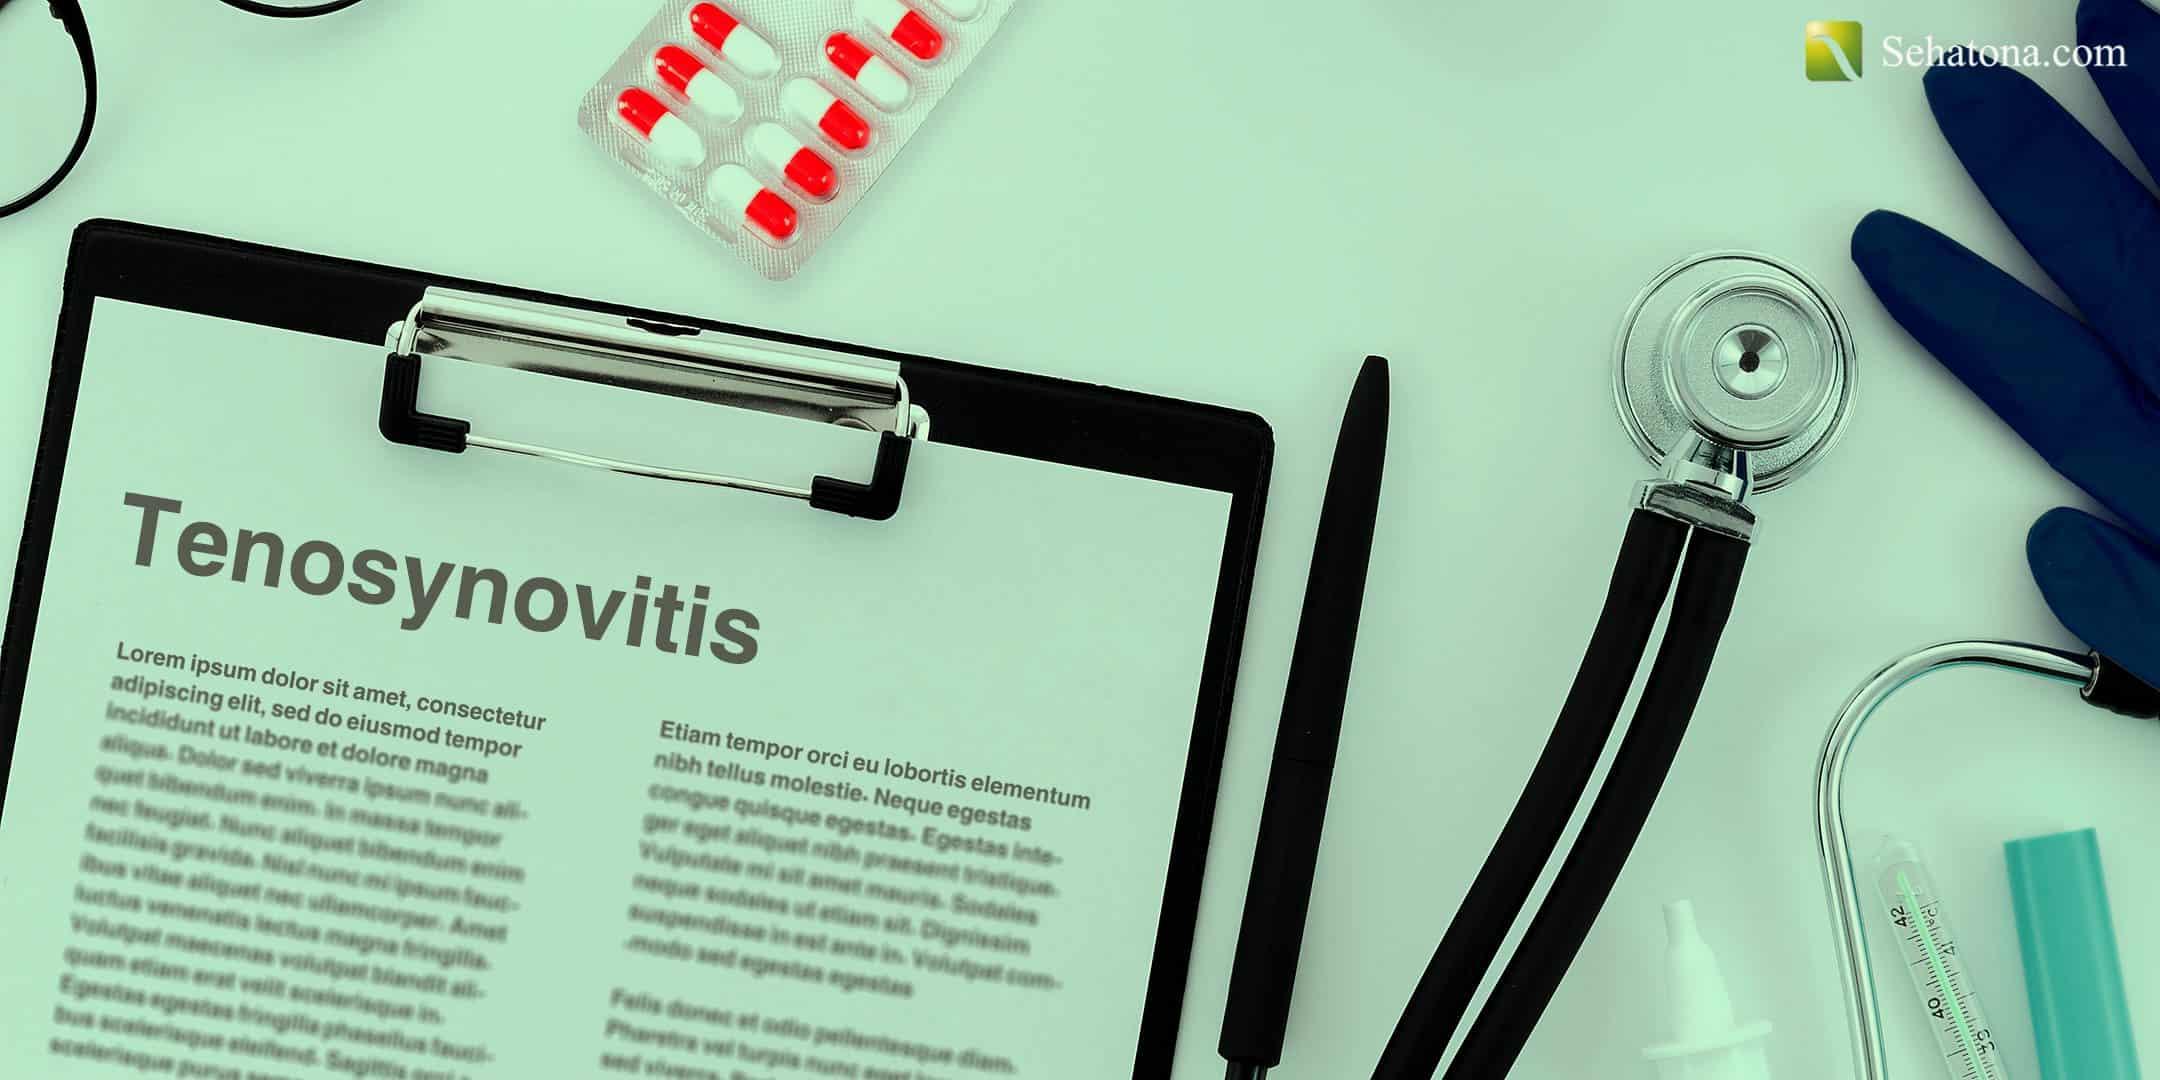 التهاب غمد الوتر tenosynovitis